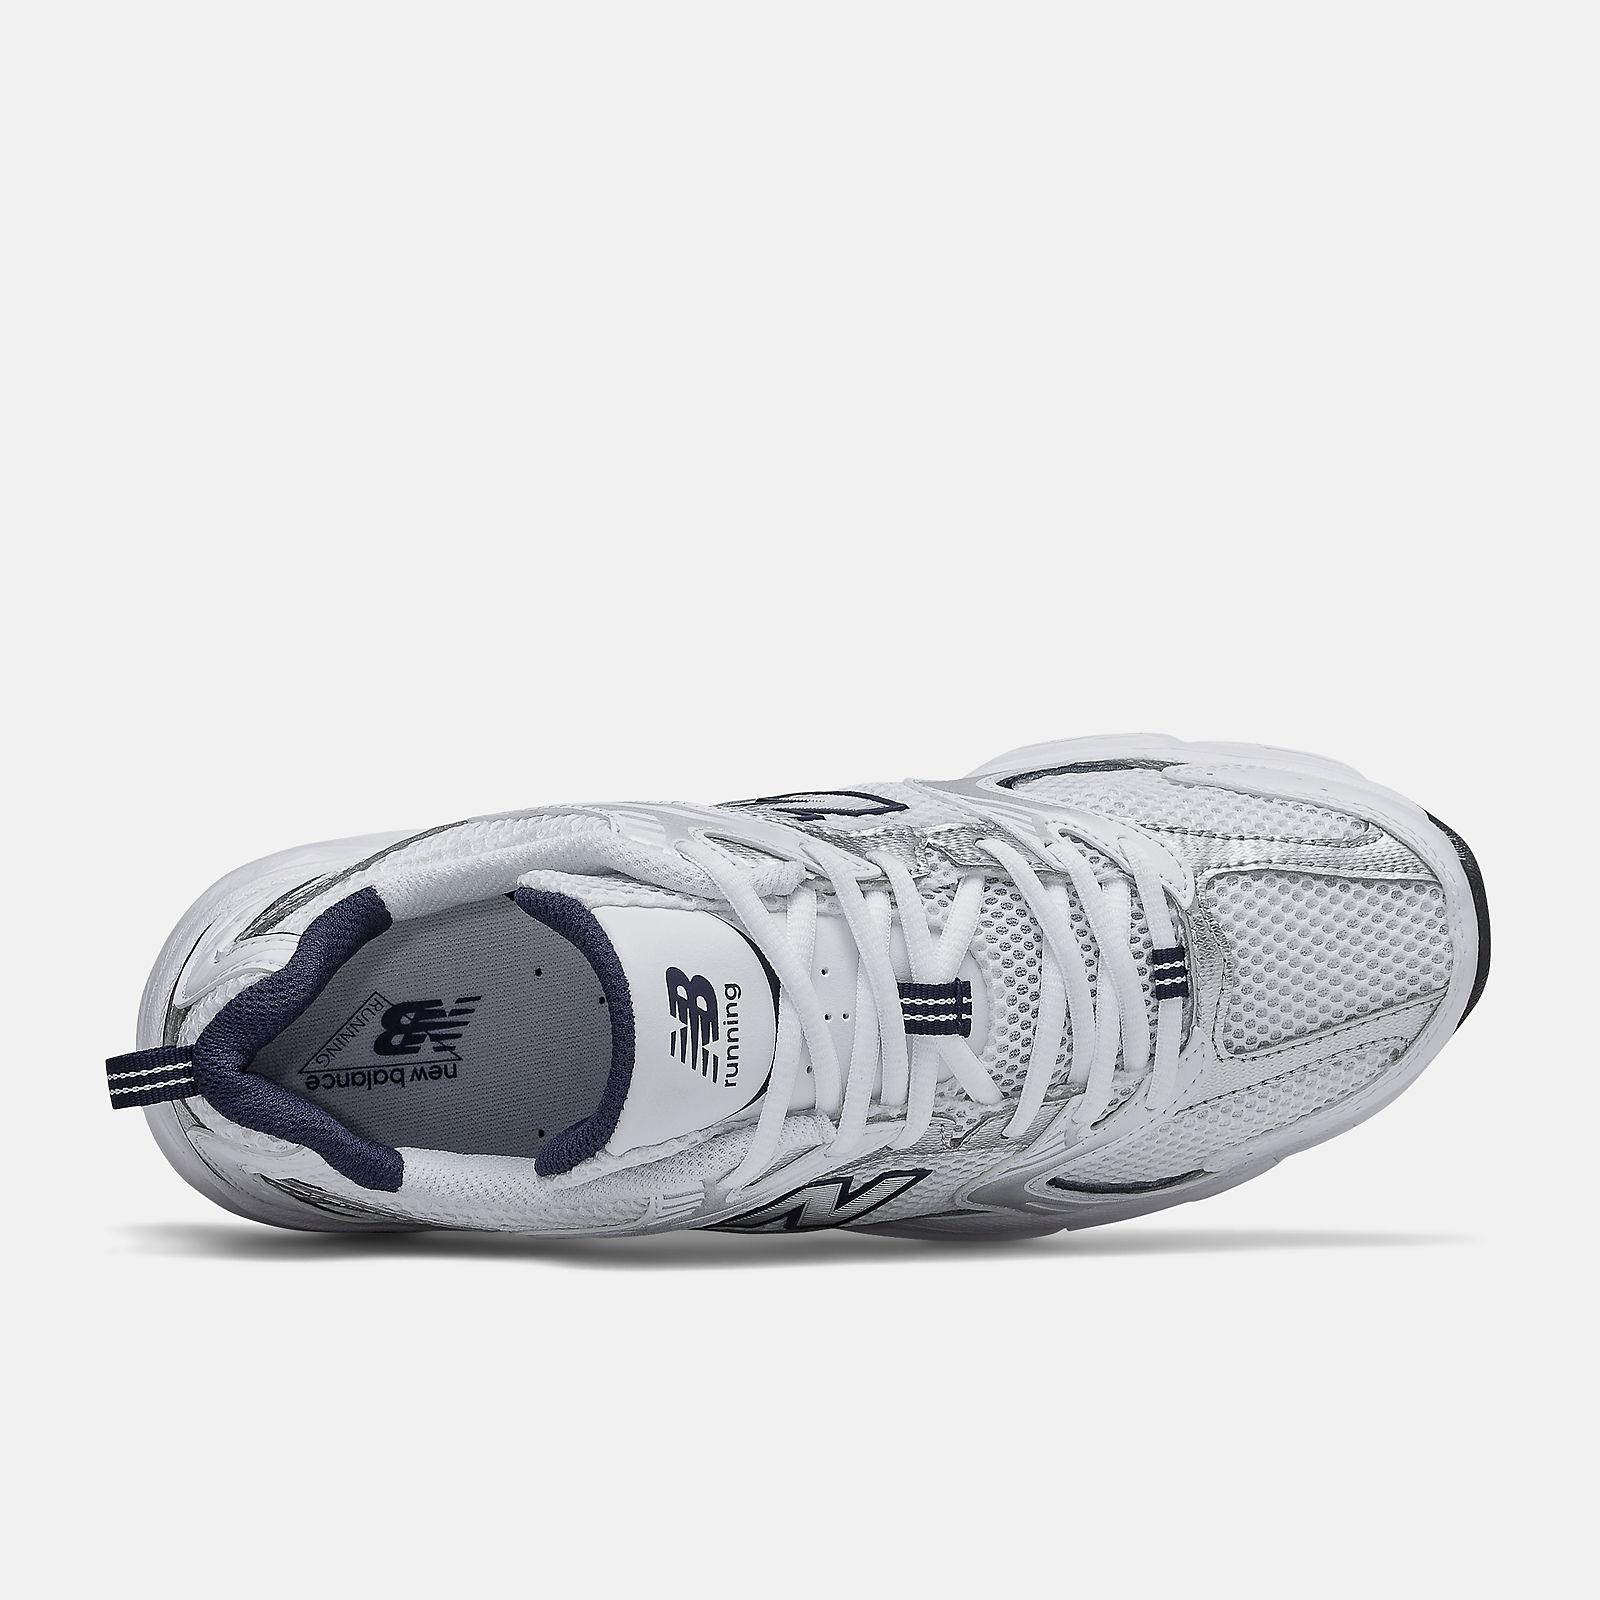 Unisex 530 Lifestyle shoes - New Balance